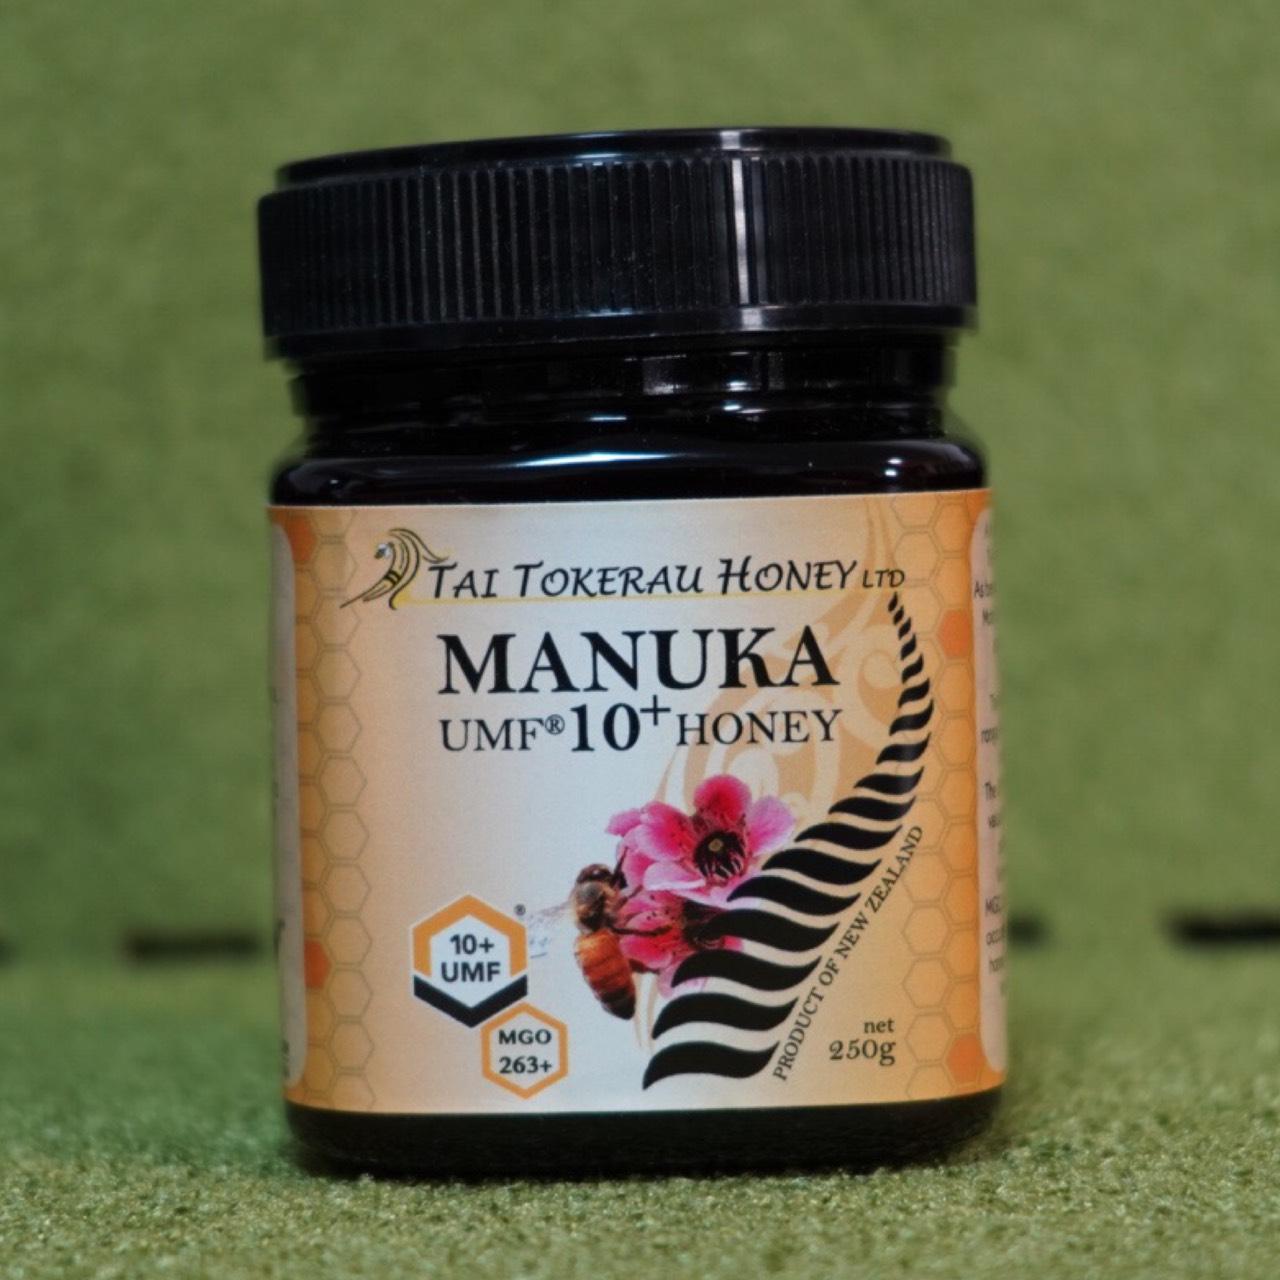 記事 connectがおすすめする最強のマヌカハニー『Tai Tokerau Honey(タイ・トケラウ・ハニー)』発売開始!のアイキャッチ画像